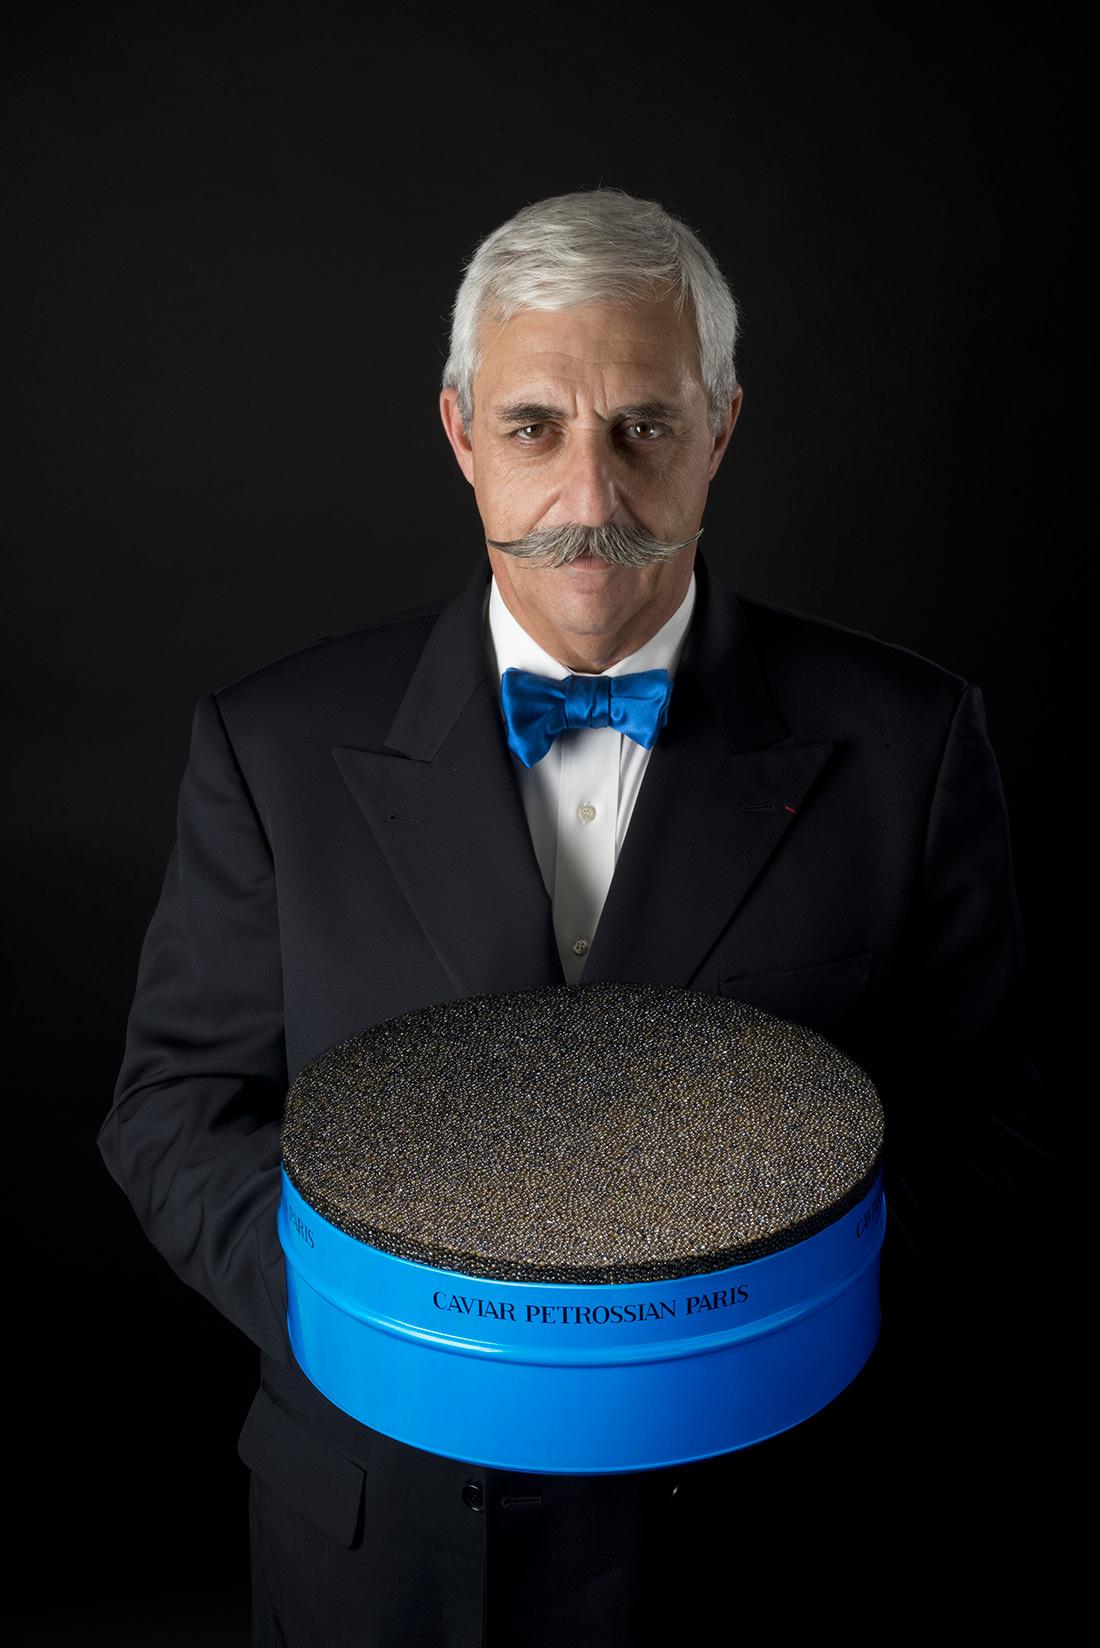 caviar-petrossian-3